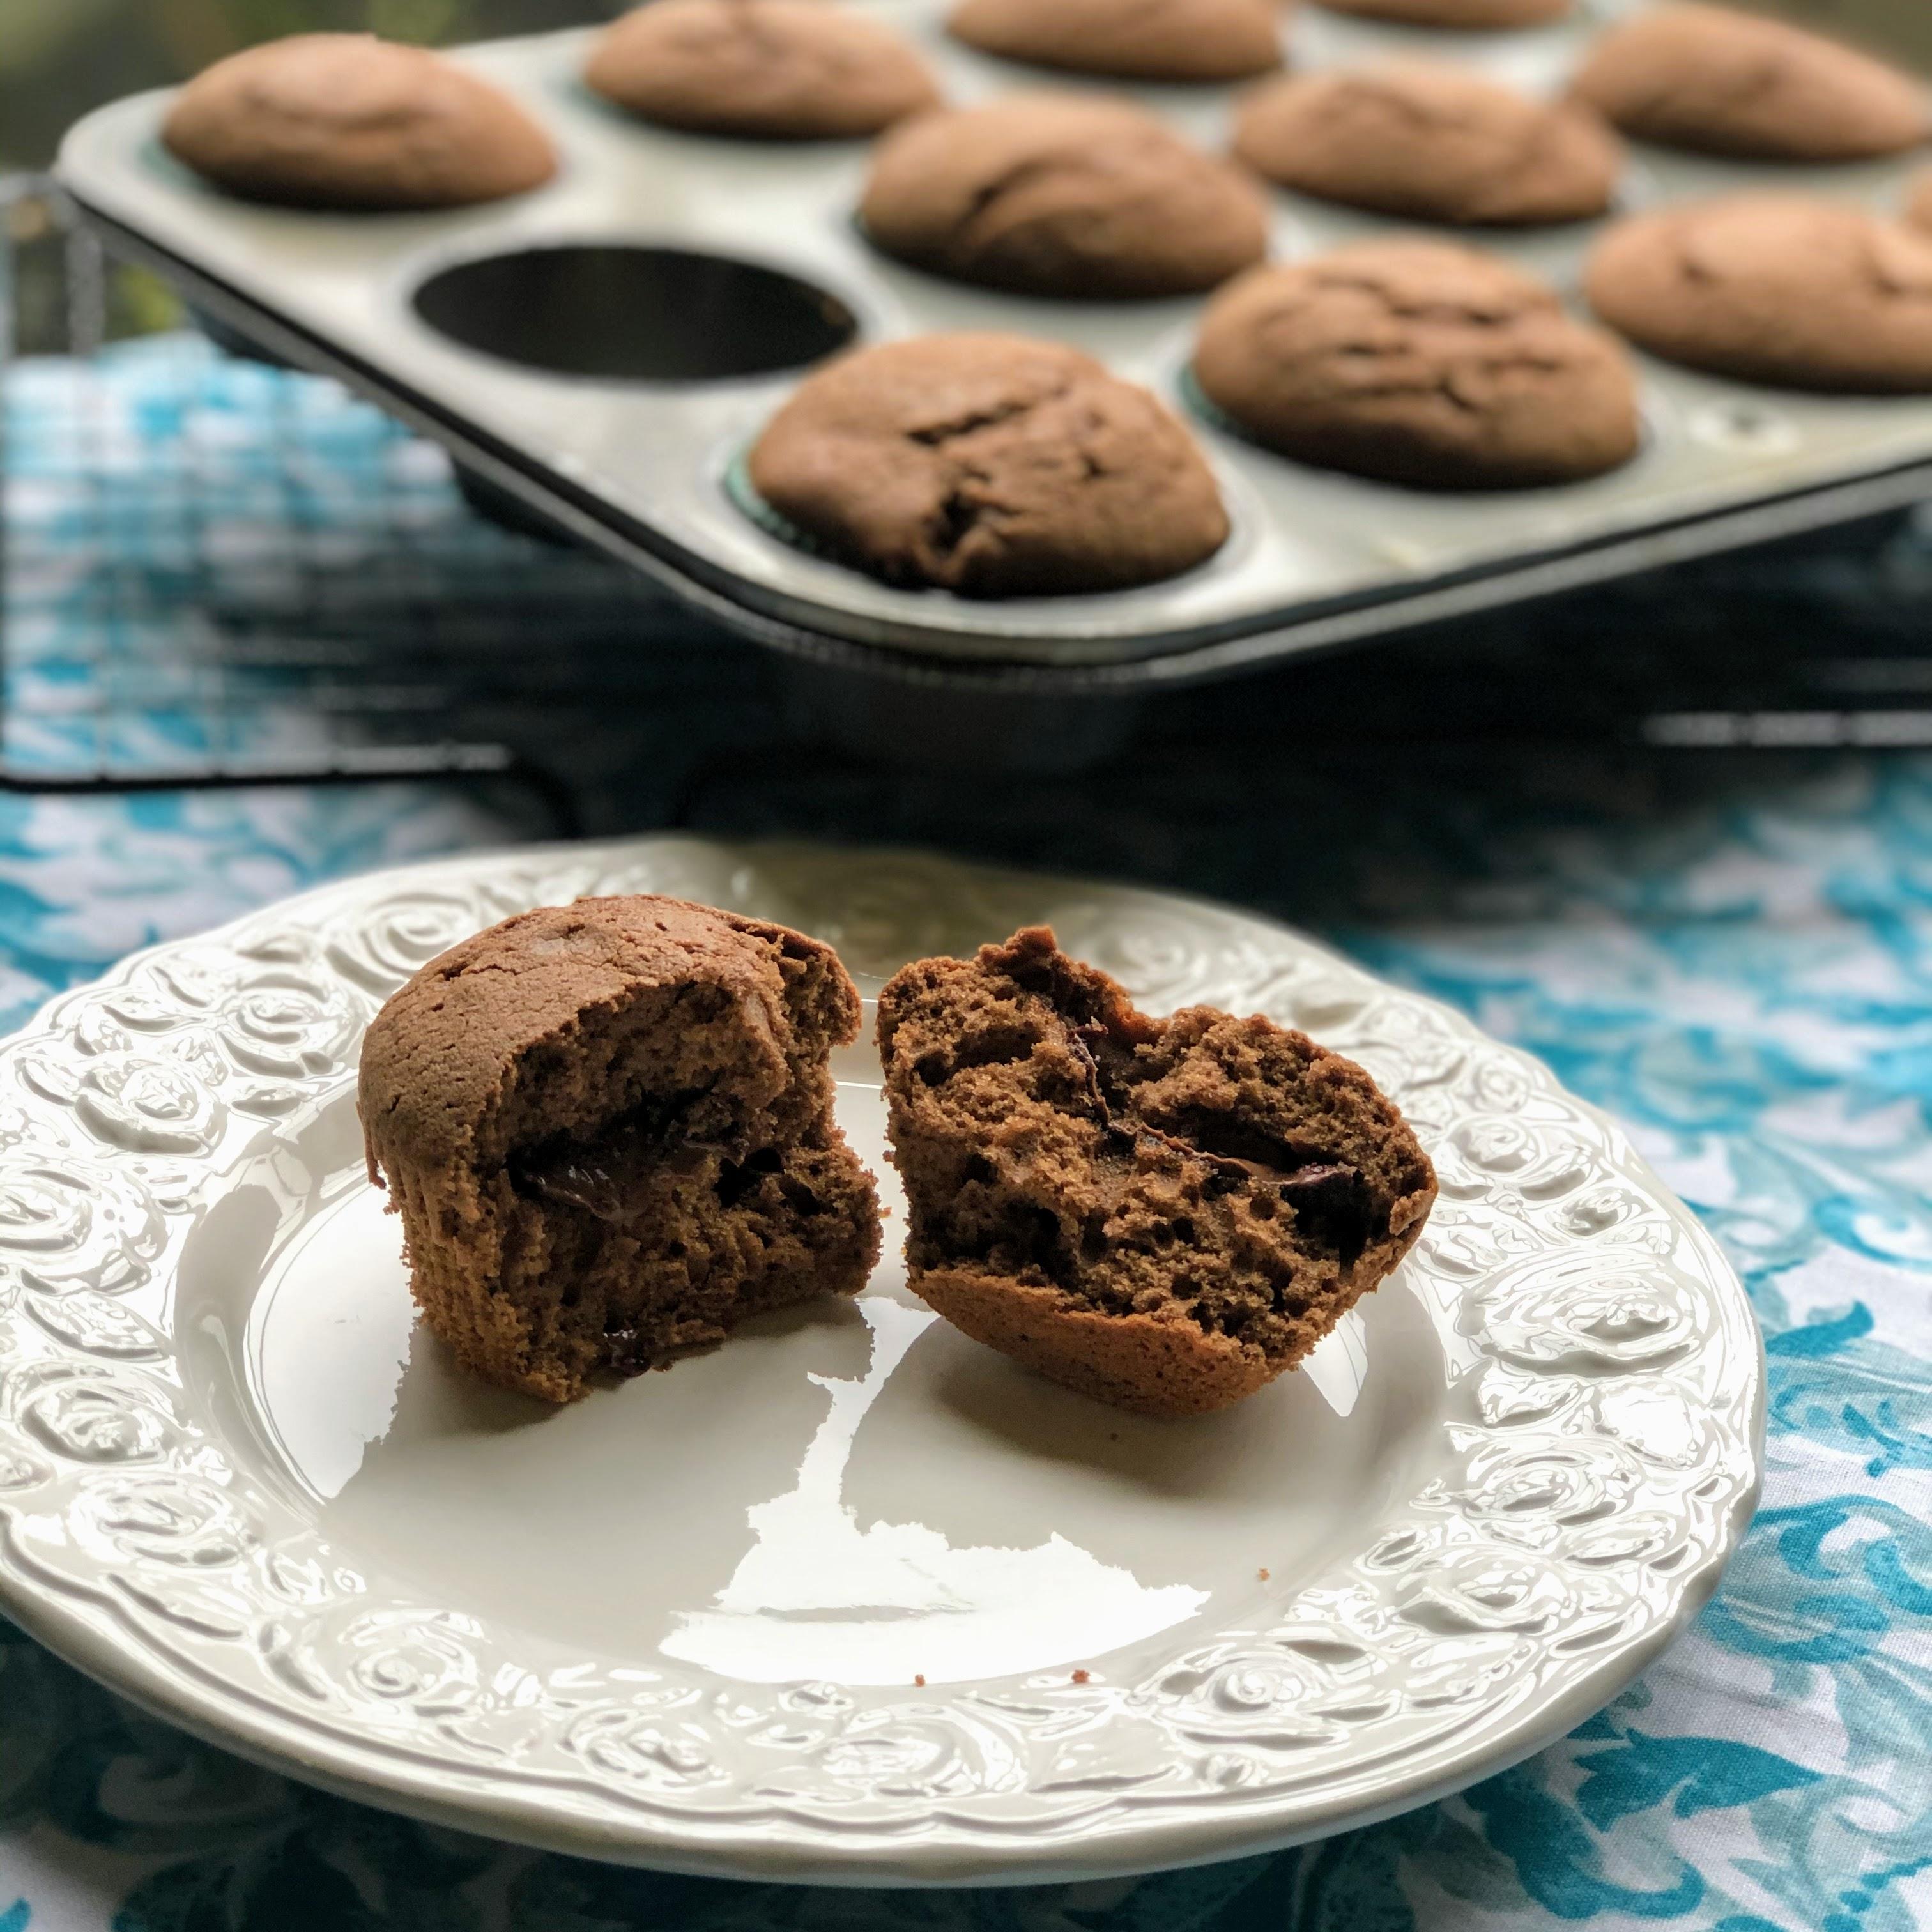 Nutella®-Stuffed Mocha Muffins